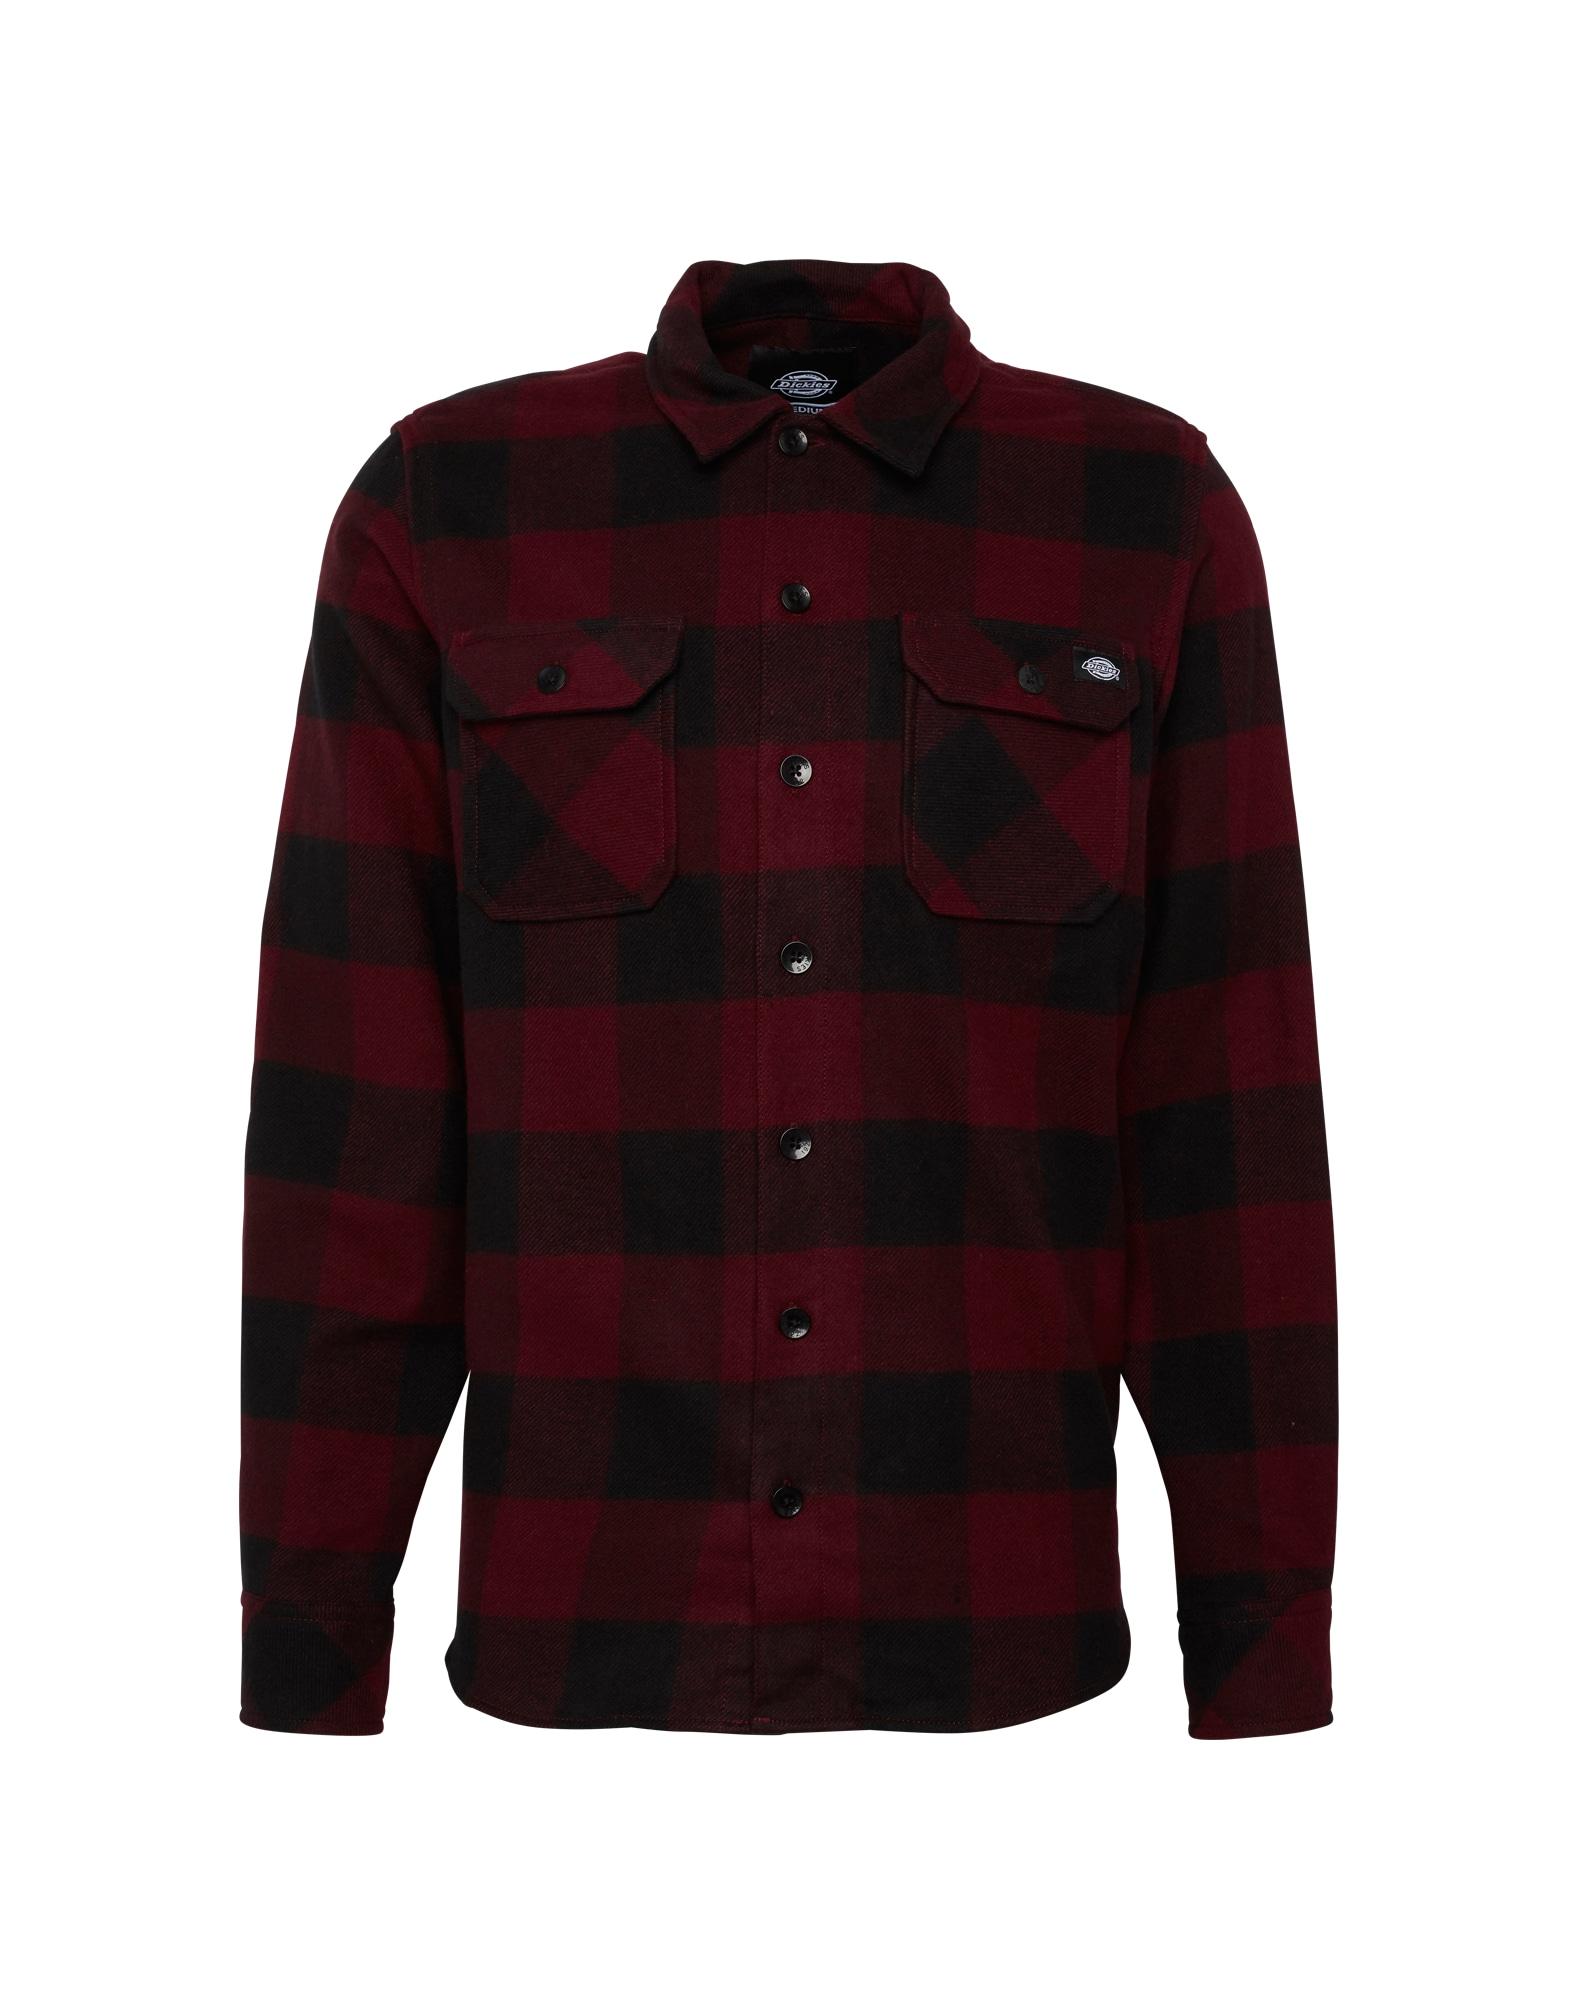 DICKIES Dalykiniai marškiniai 'Sacramento' vyno raudona spalva / juoda